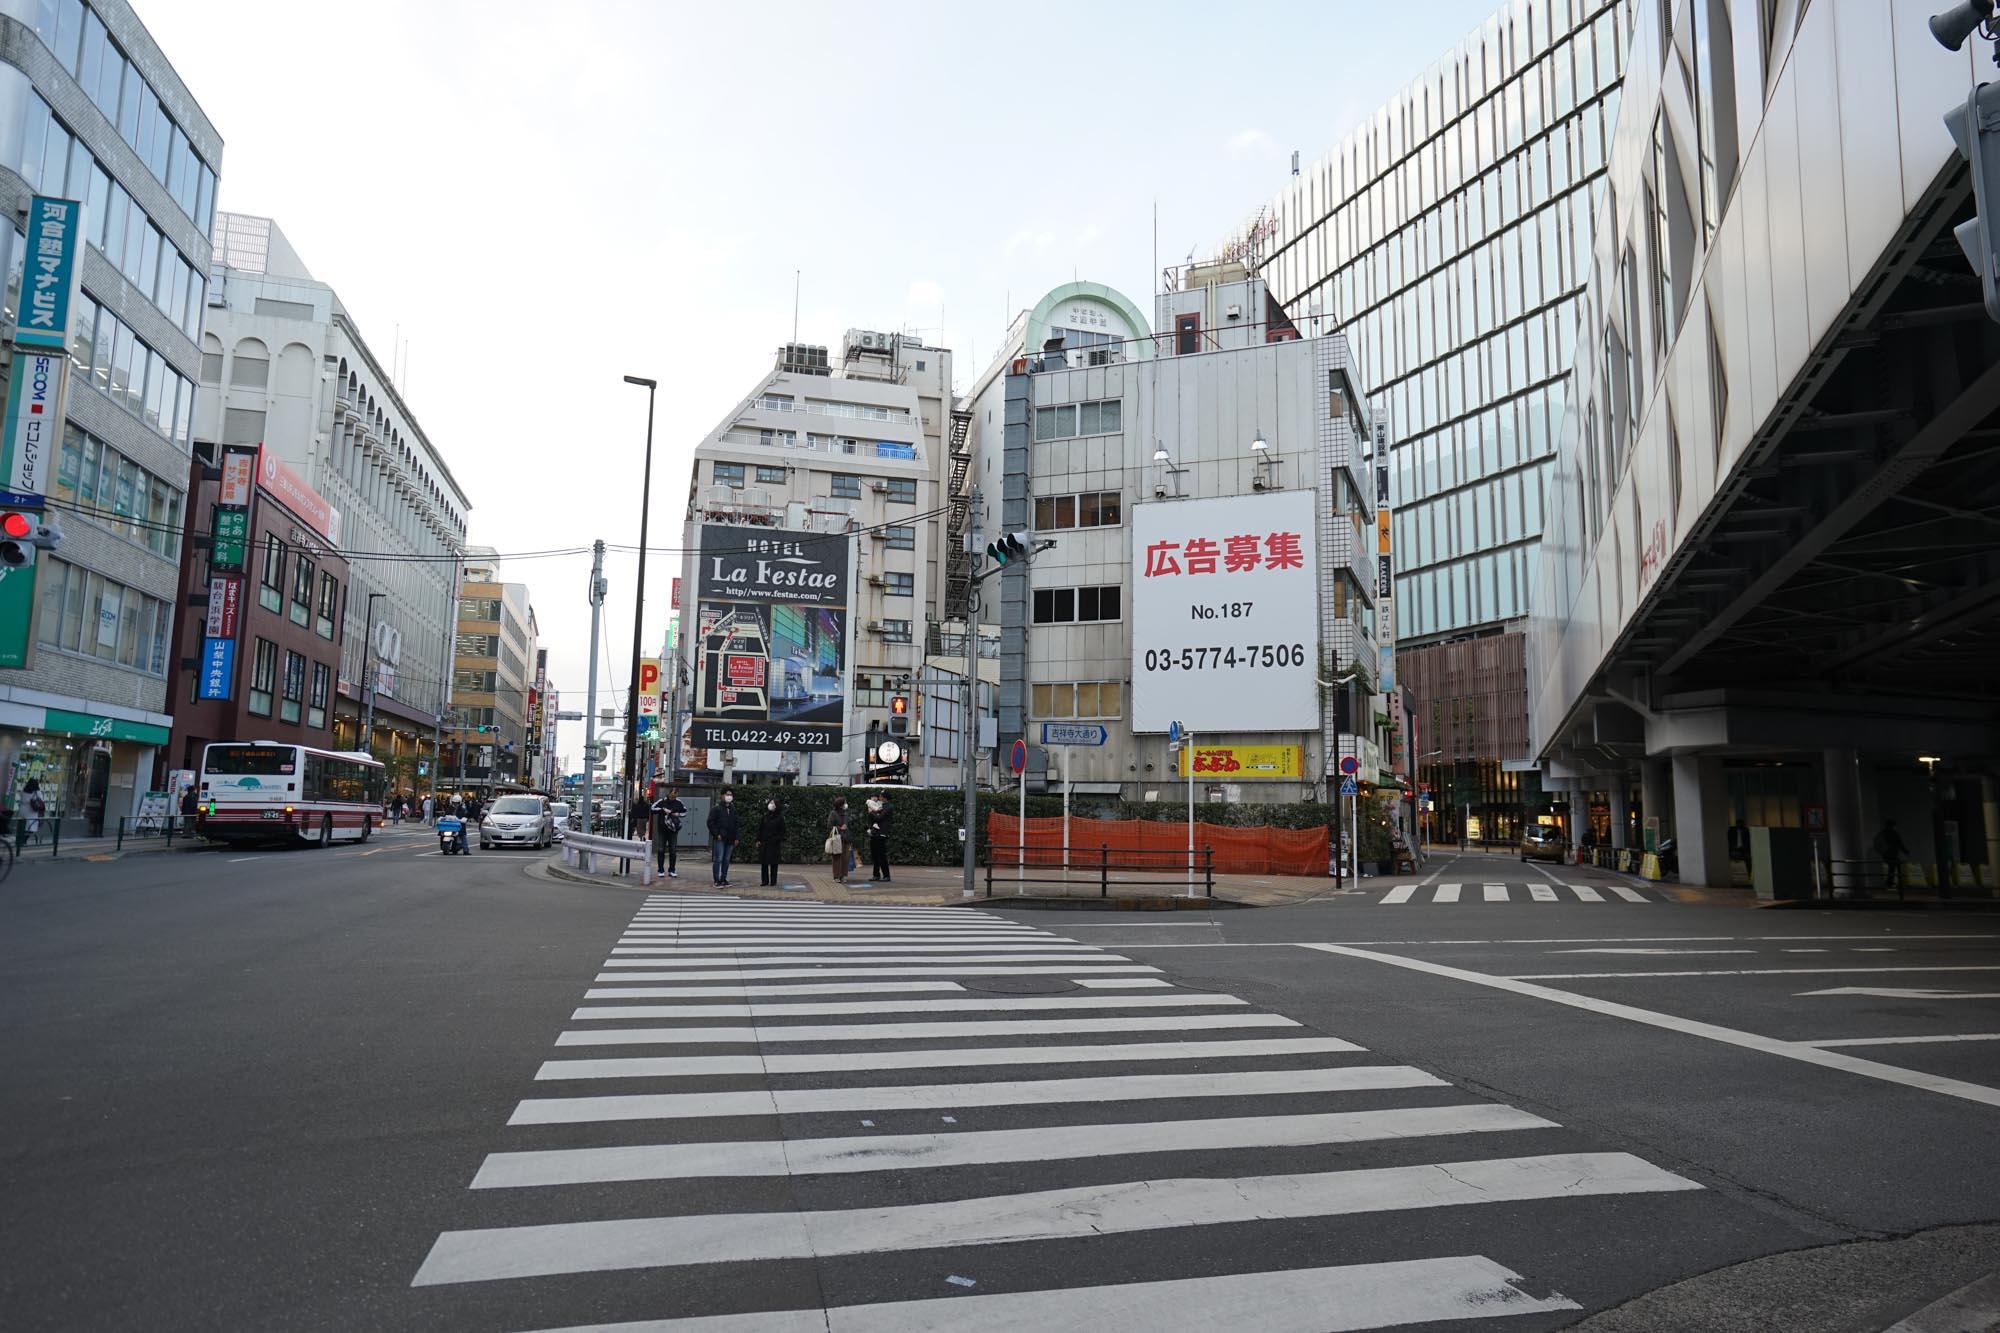 井の頭線の高架沿いに少し進むと「丸井吉祥寺店」のある井の頭通りの交差点に出ます。